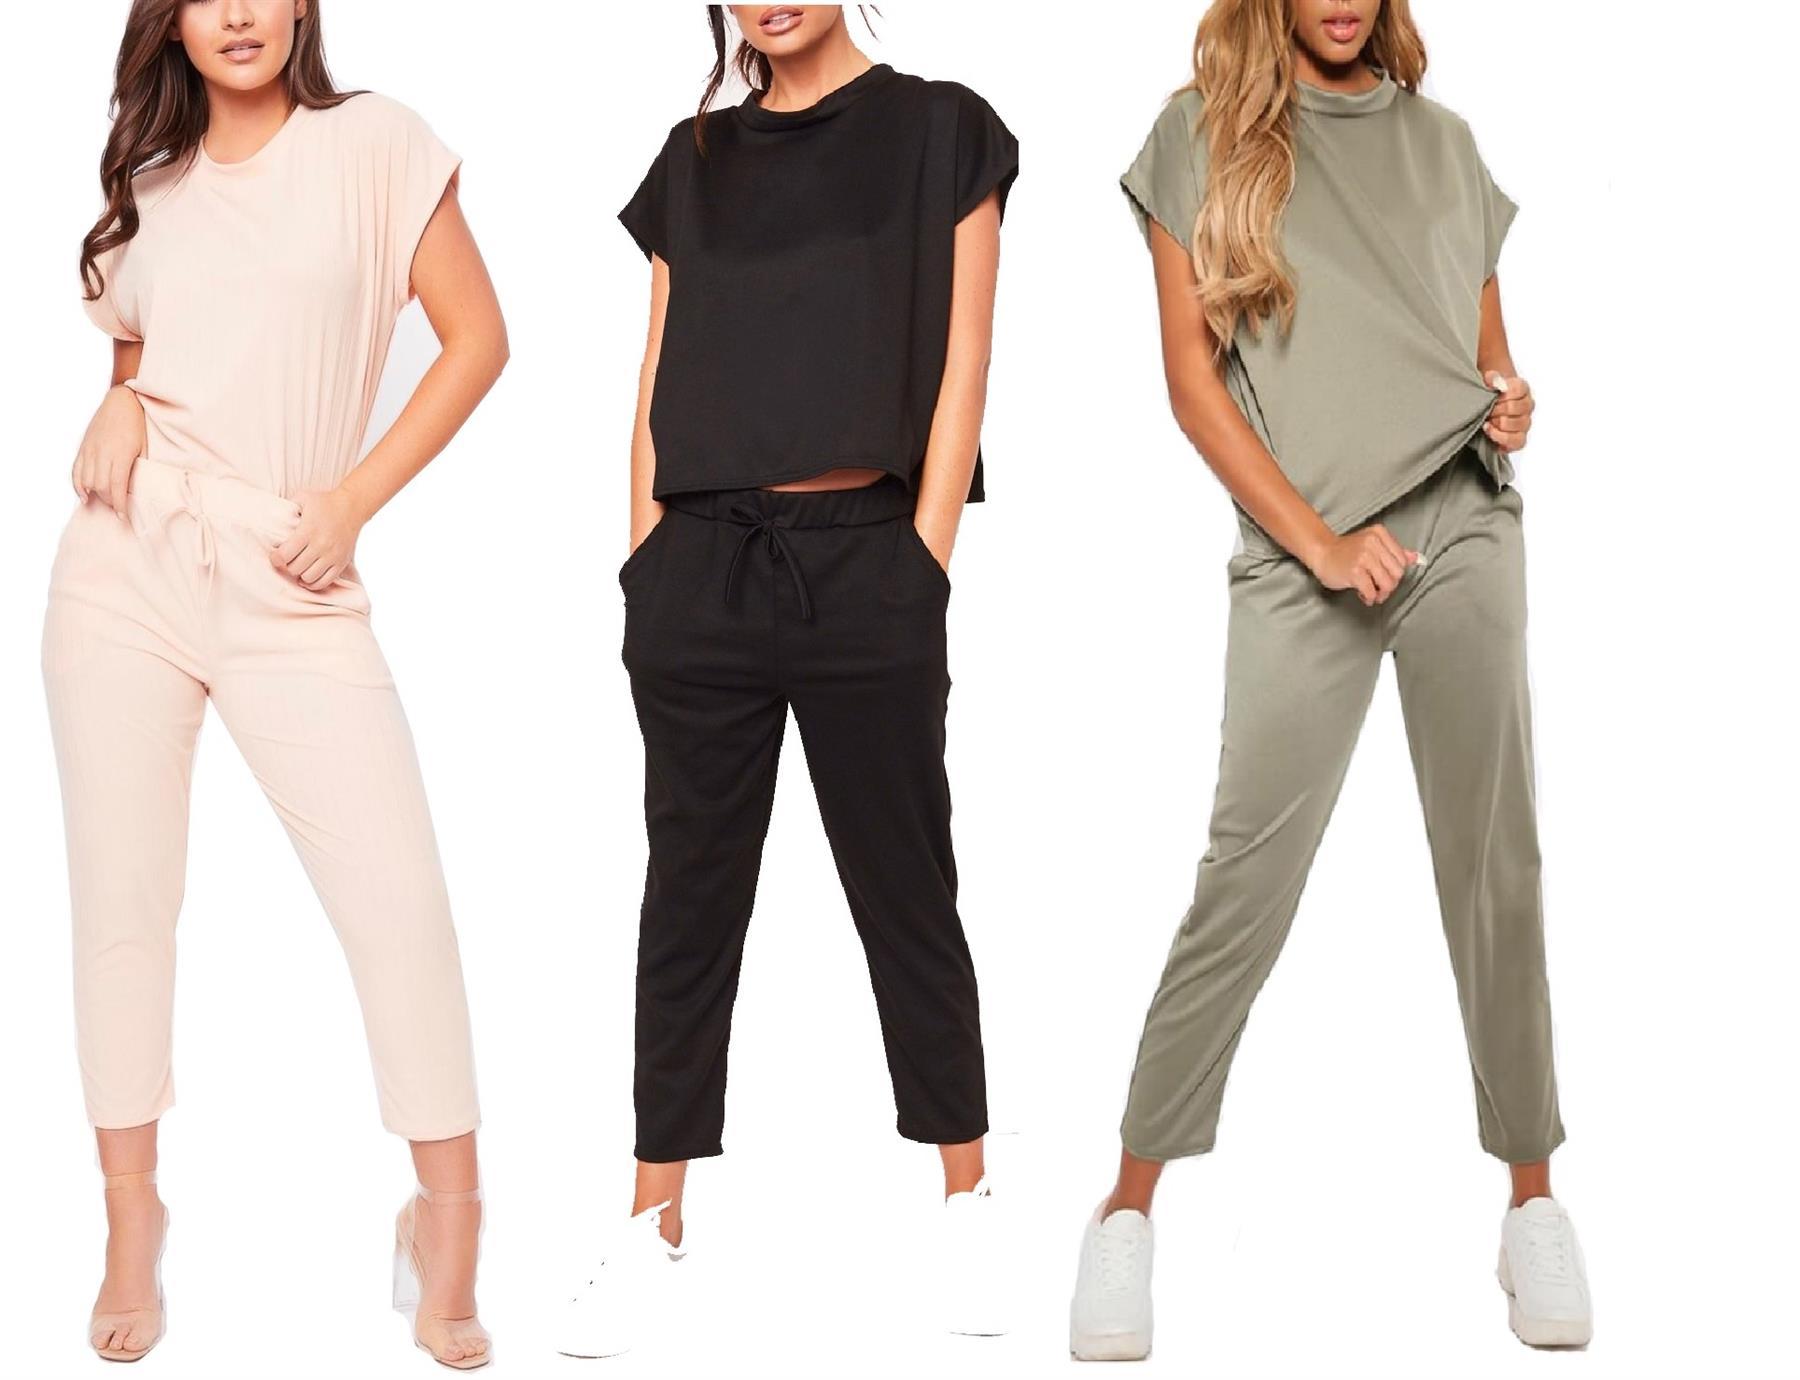 Womens Spring Summer 2Pcs Tracksuit Top Pants Set Jogging Sport Lounge Wear Suit